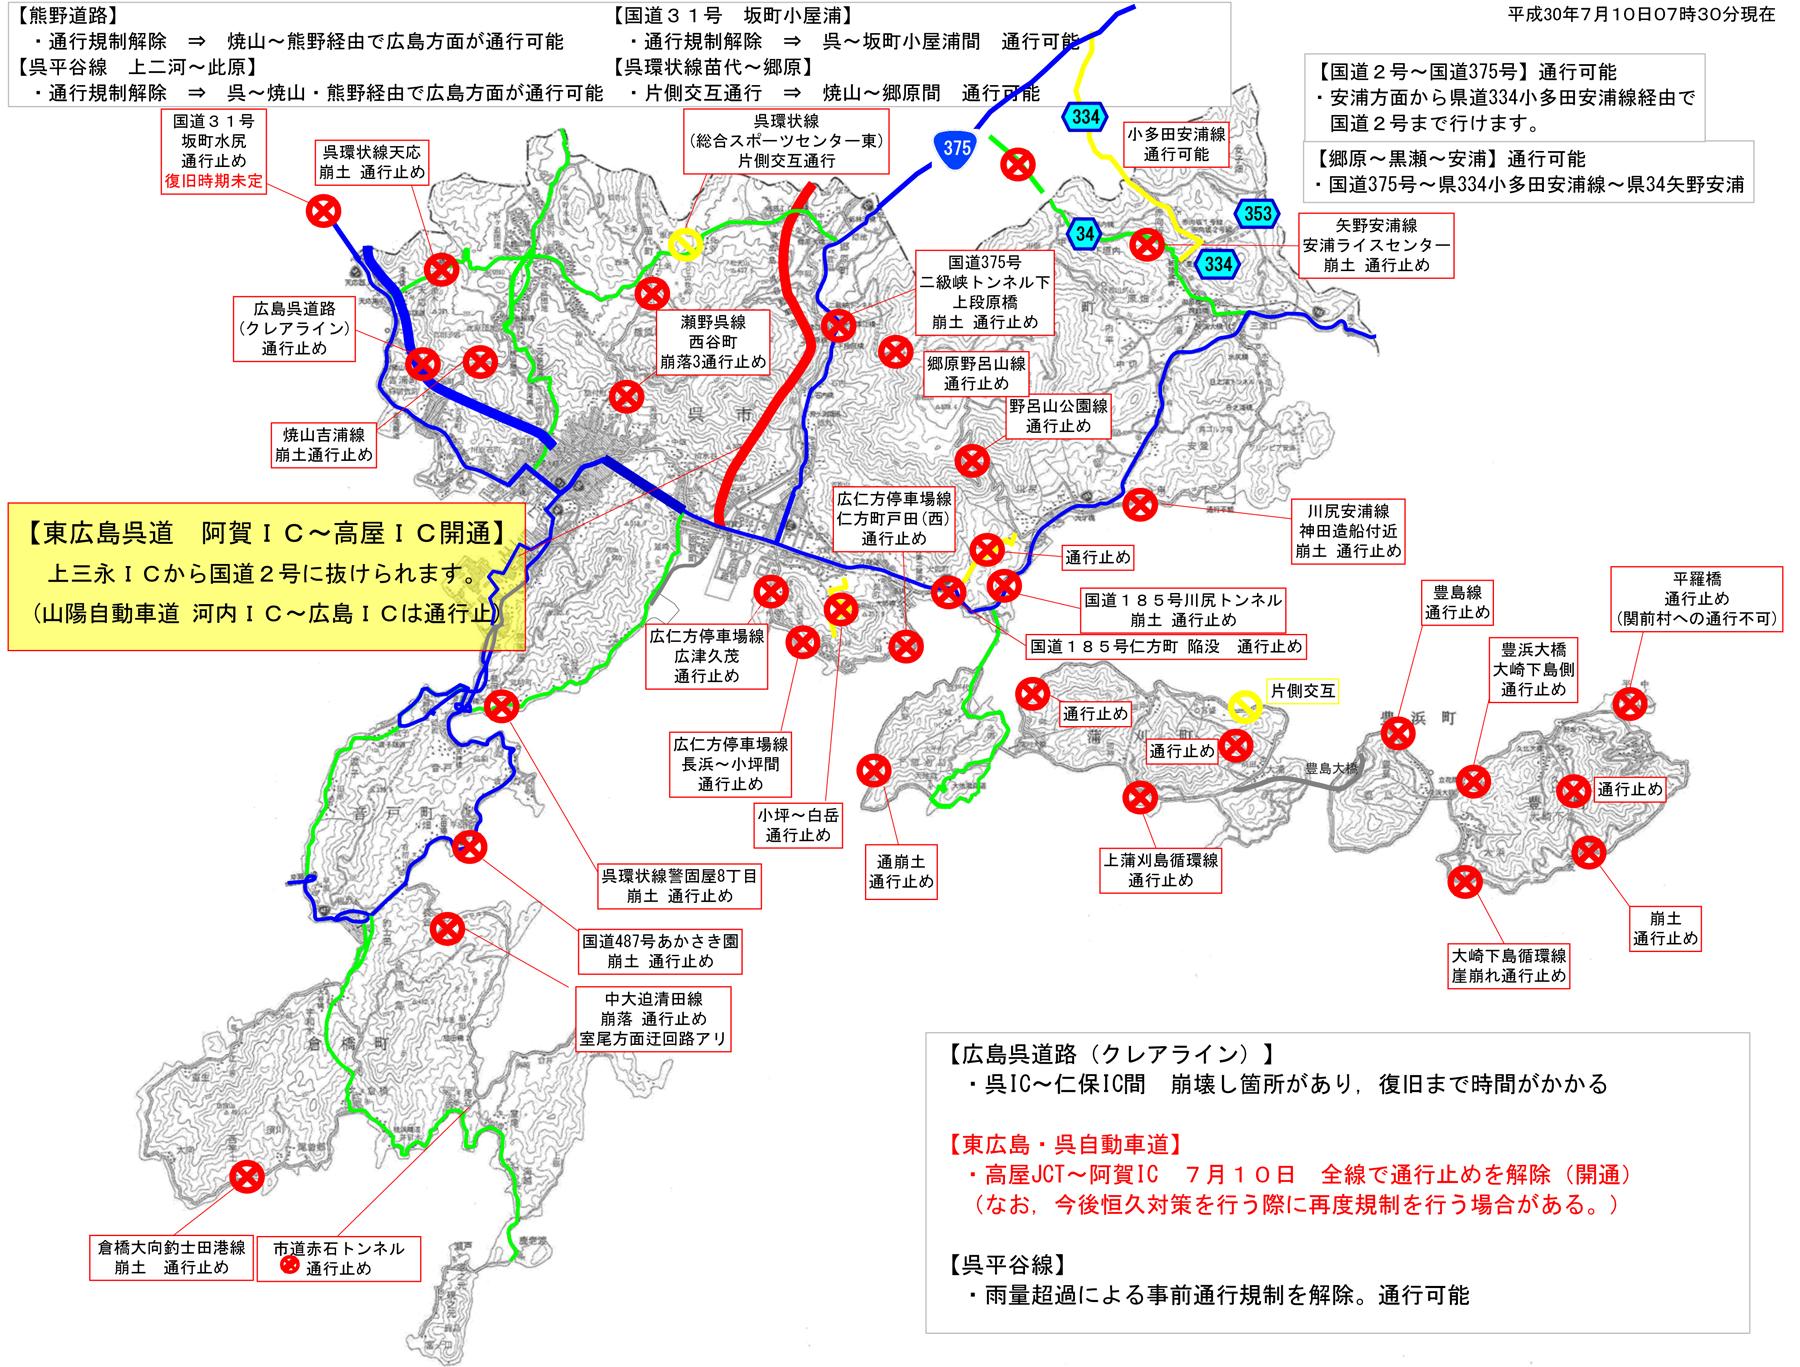 710 Kure Road 呉市 通行規制情報 地図 7時現在 44826_78556_misc